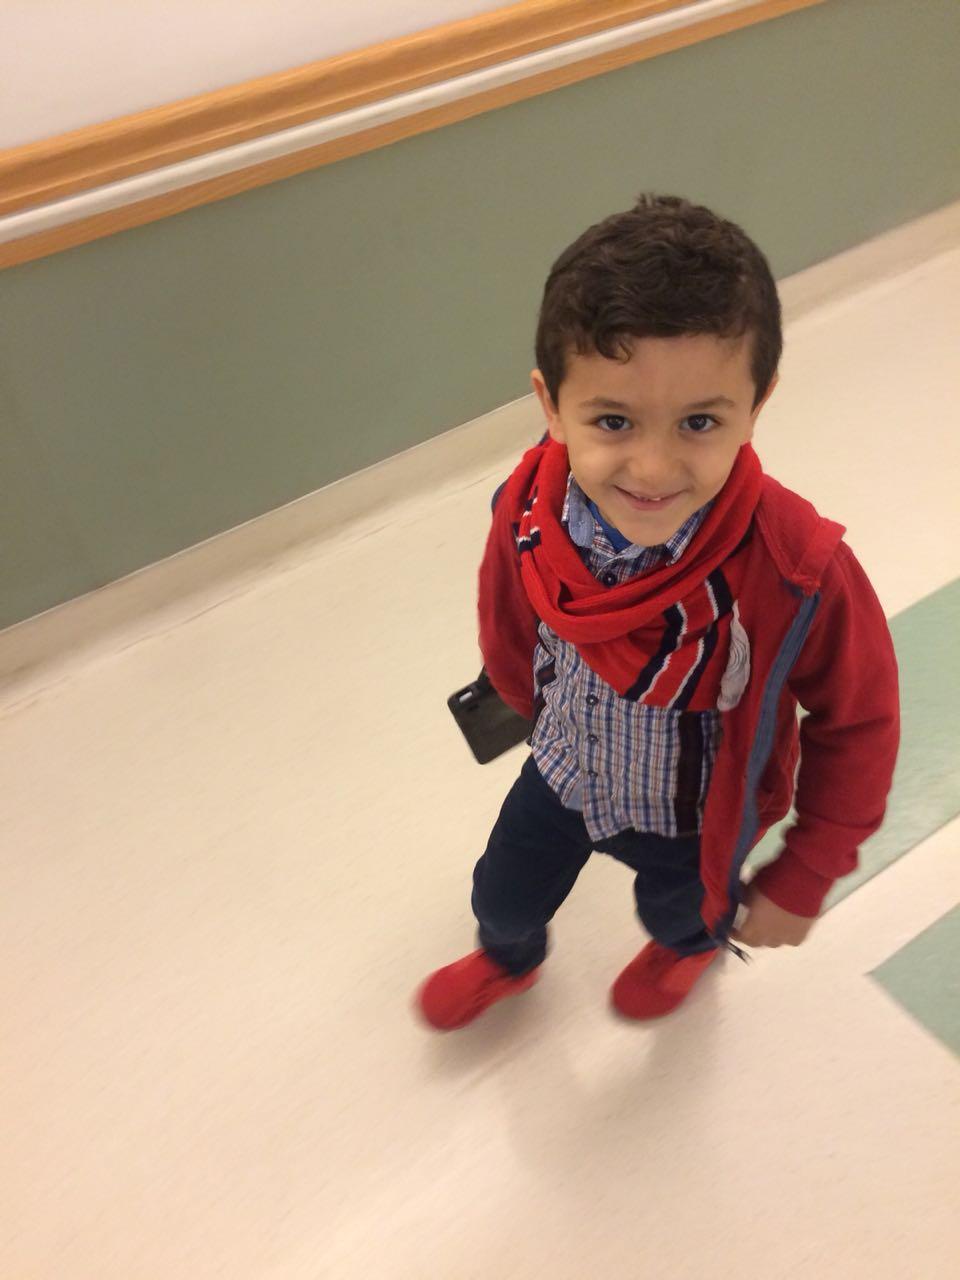 الطفل جواد محمود يطفئ شمعته الثالثة